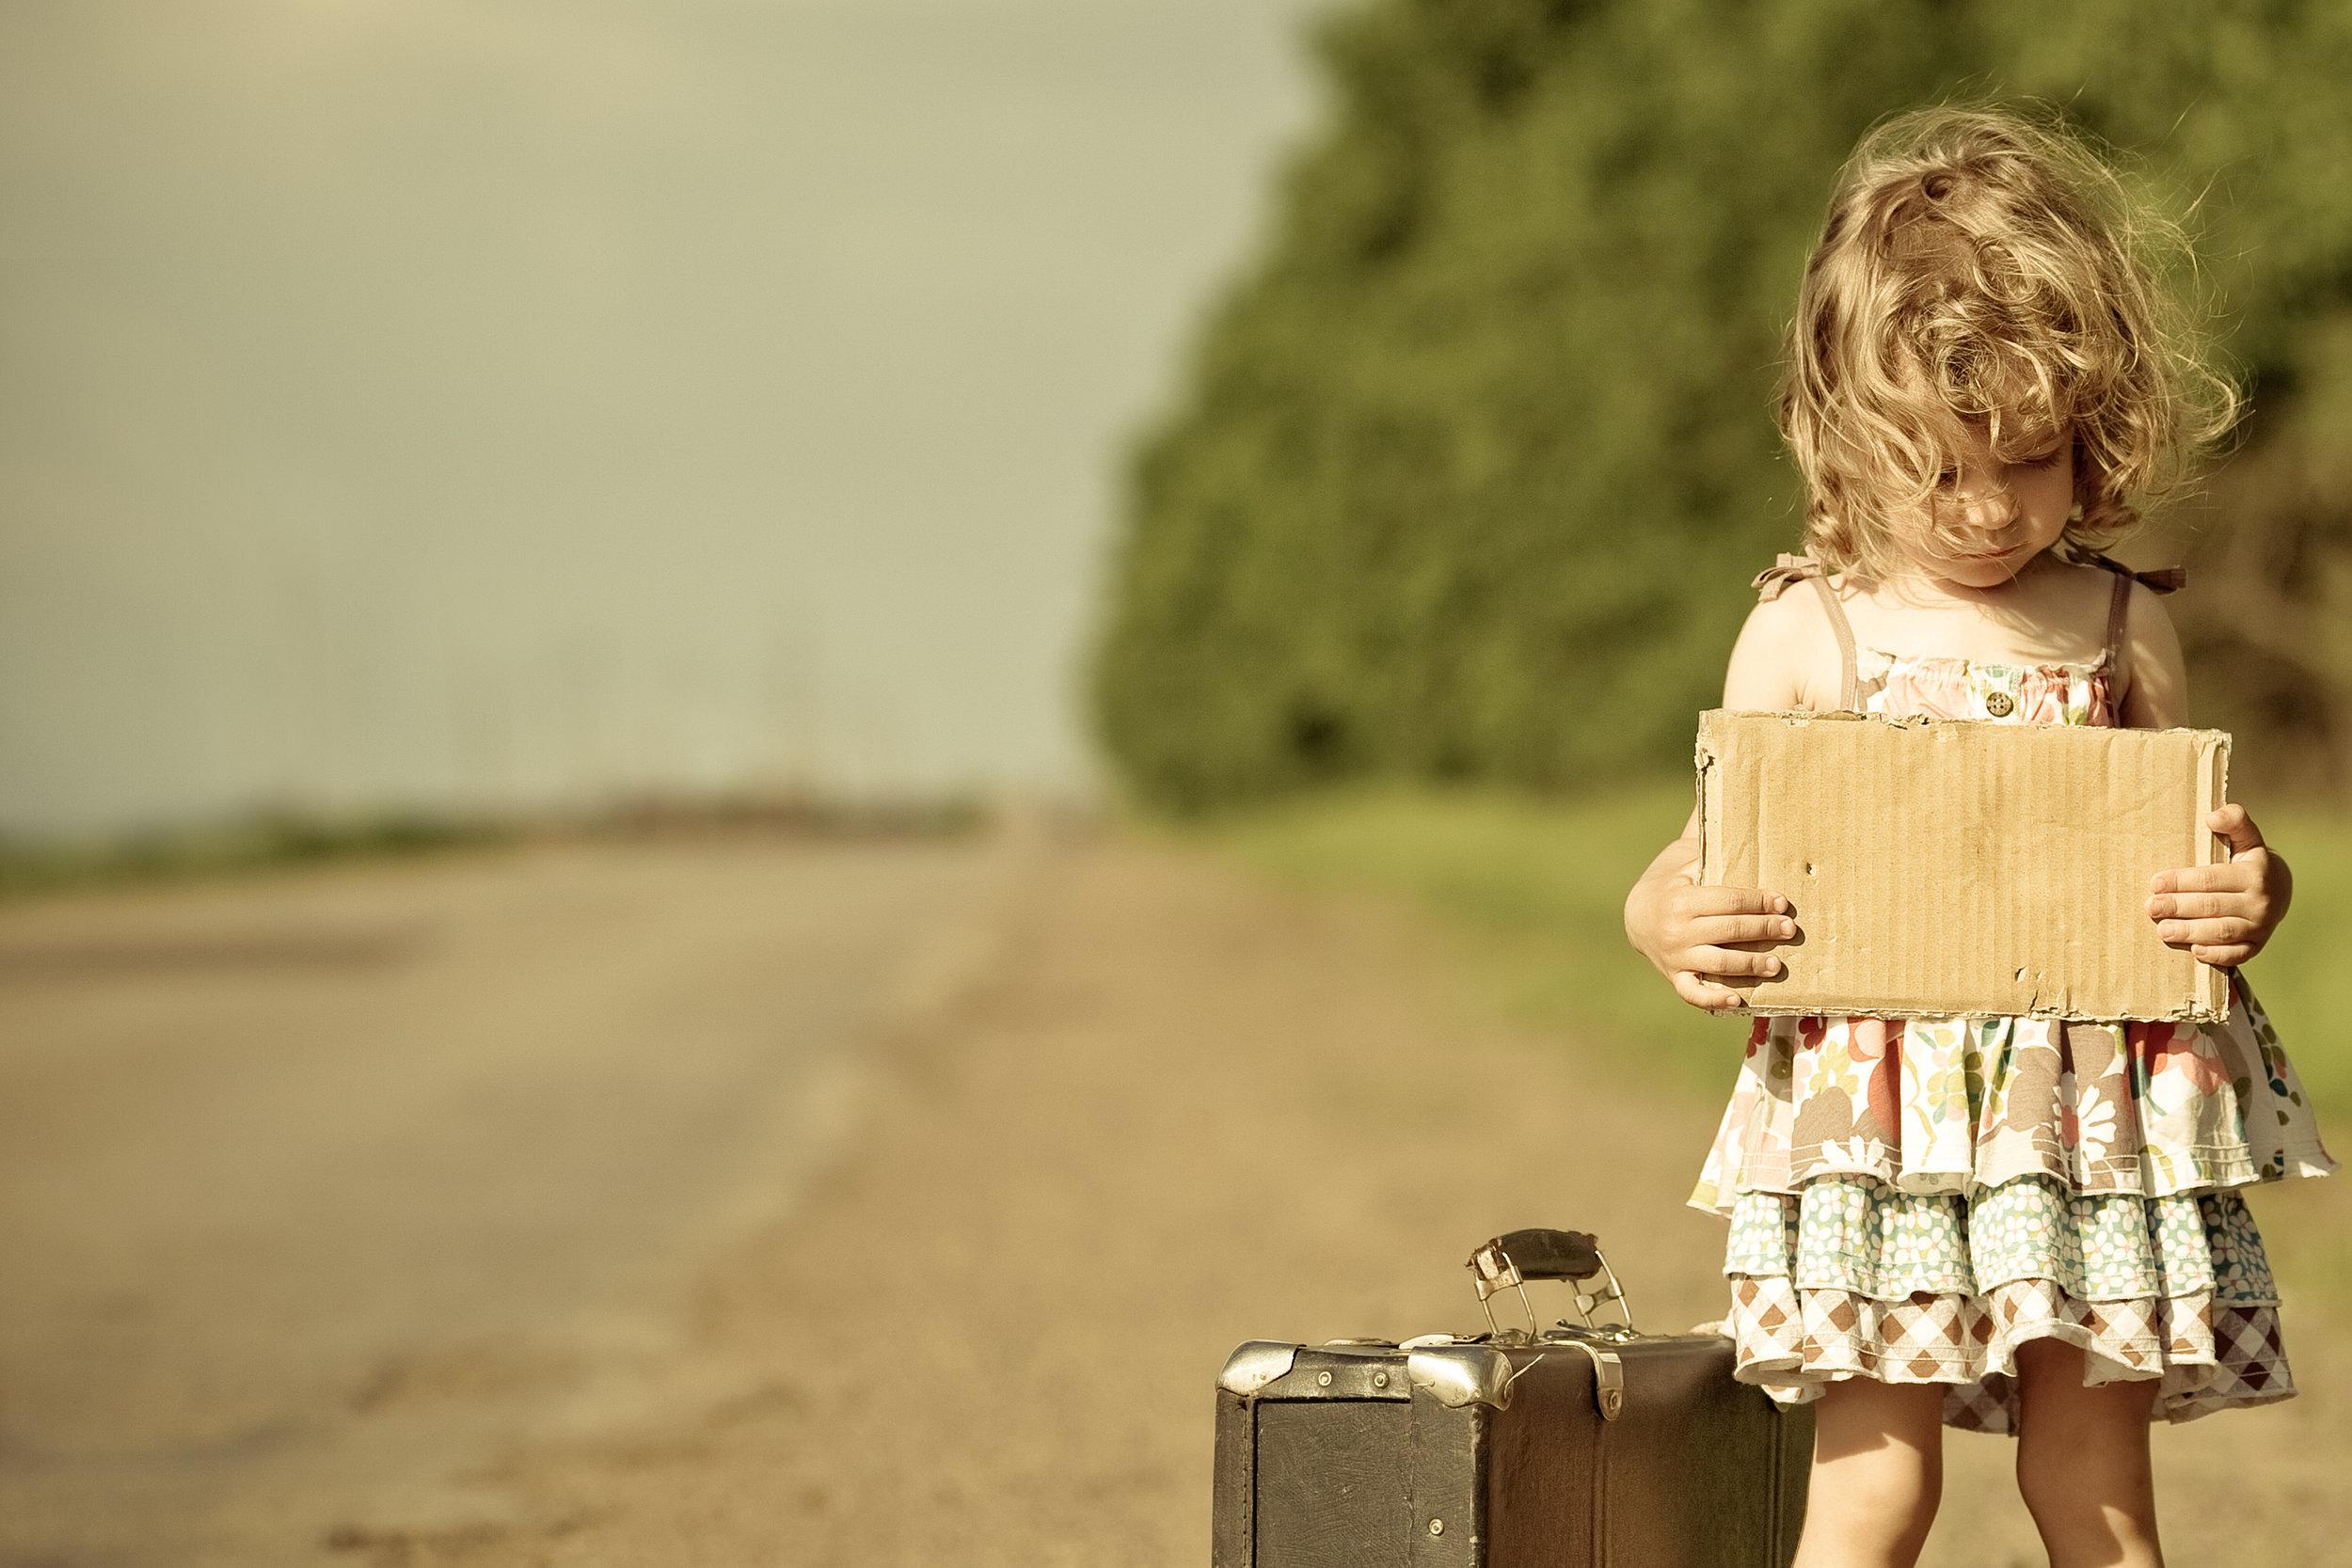 barn og samlivsbrudd - hvor mye skal barnet bestemme?